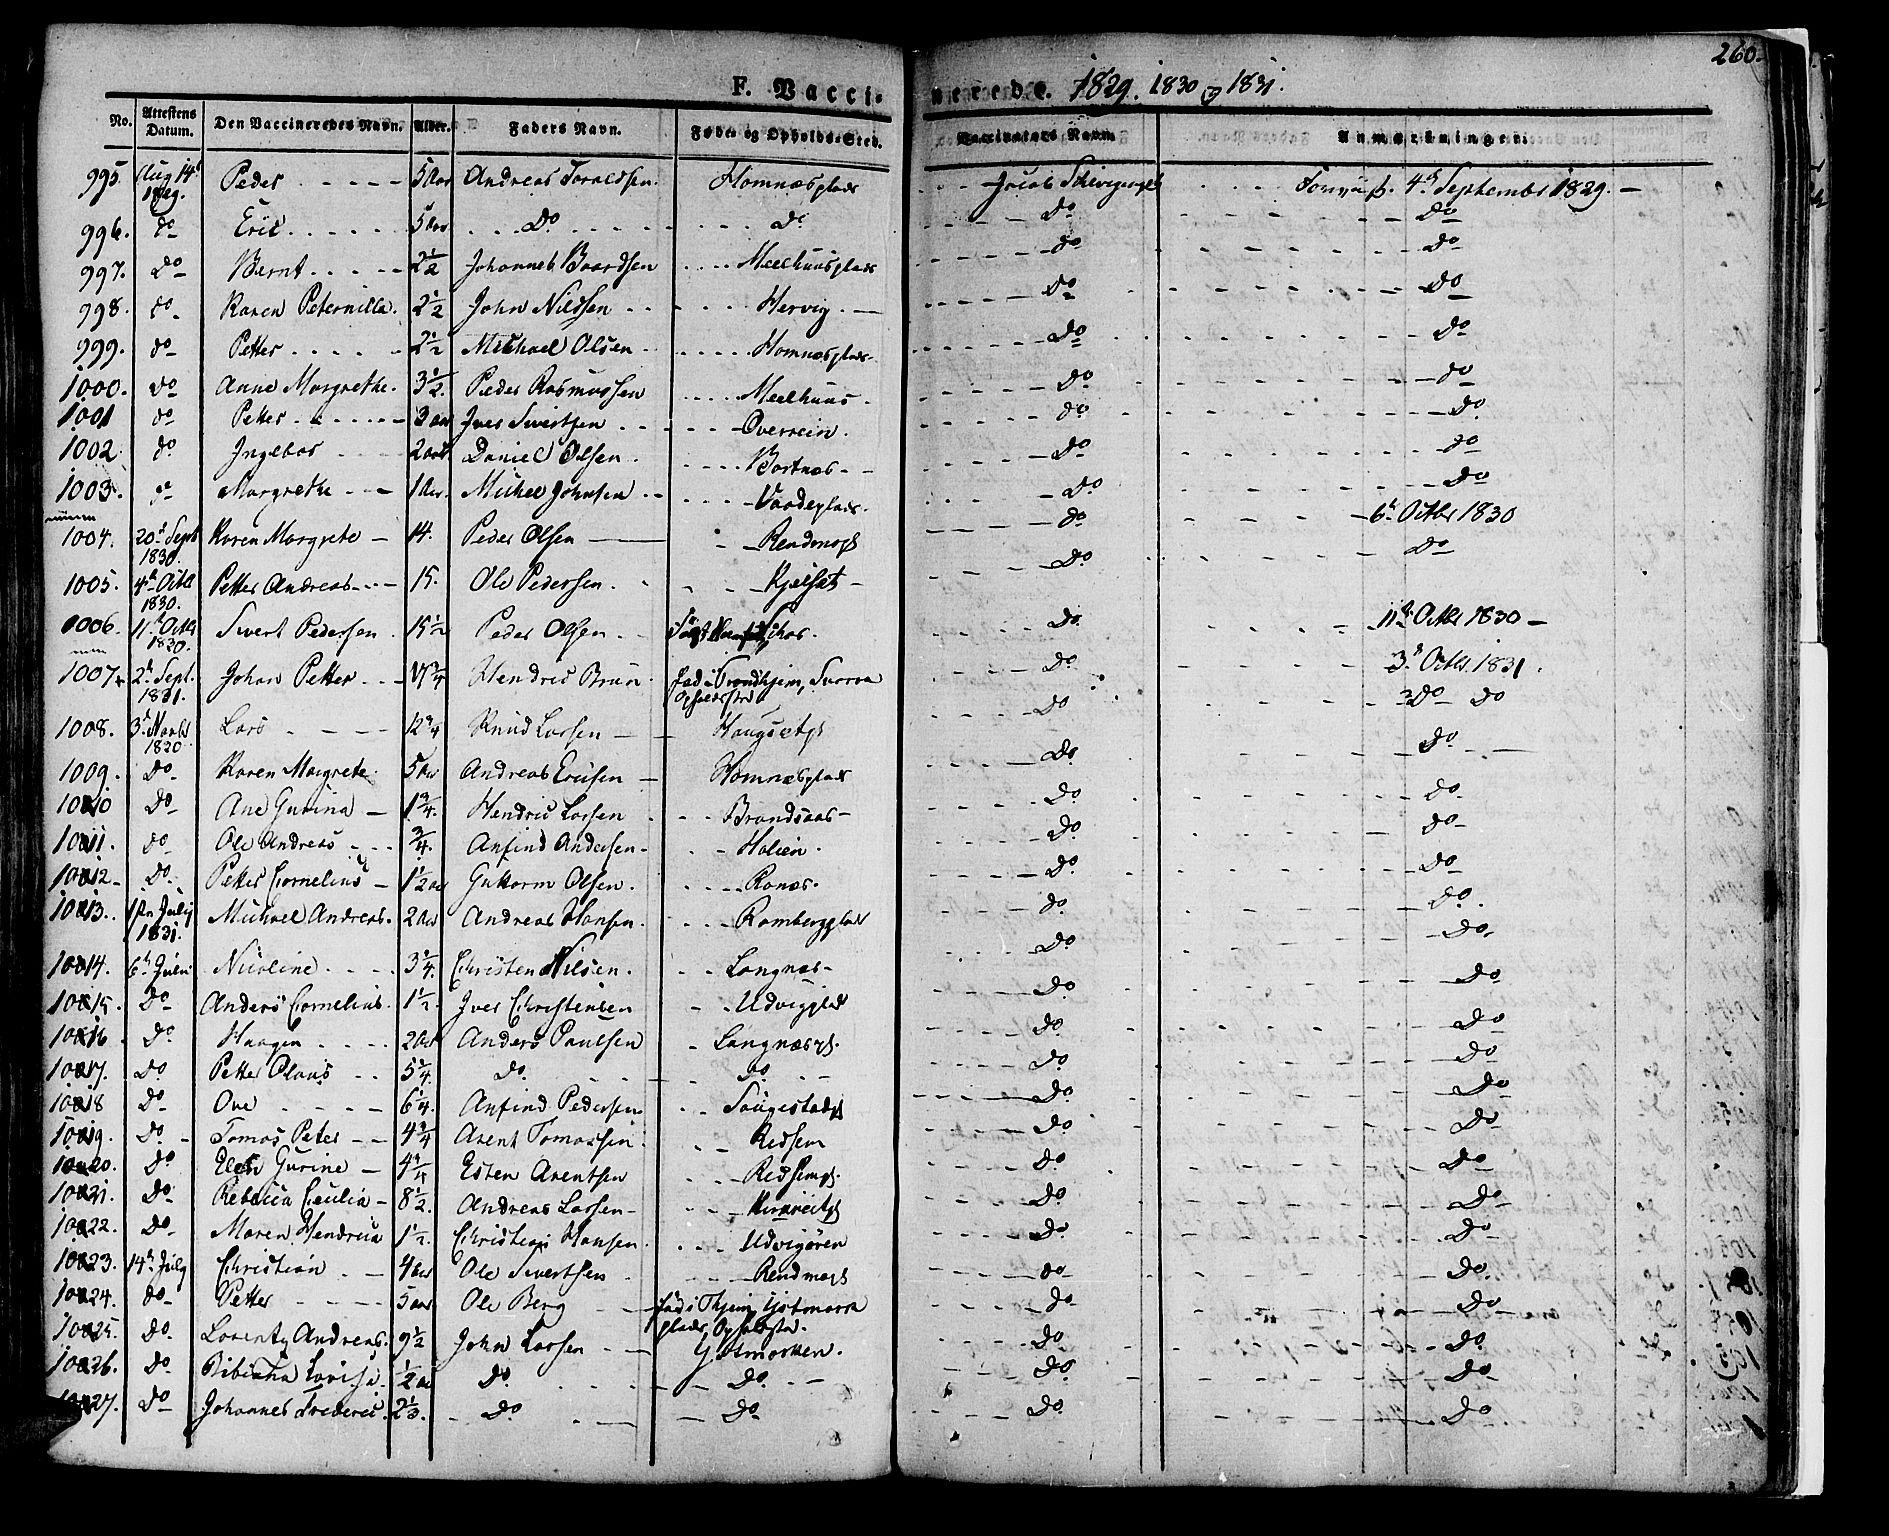 SAT, Ministerialprotokoller, klokkerbøker og fødselsregistre - Nord-Trøndelag, 741/L0390: Ministerialbok nr. 741A04, 1822-1836, s. 260